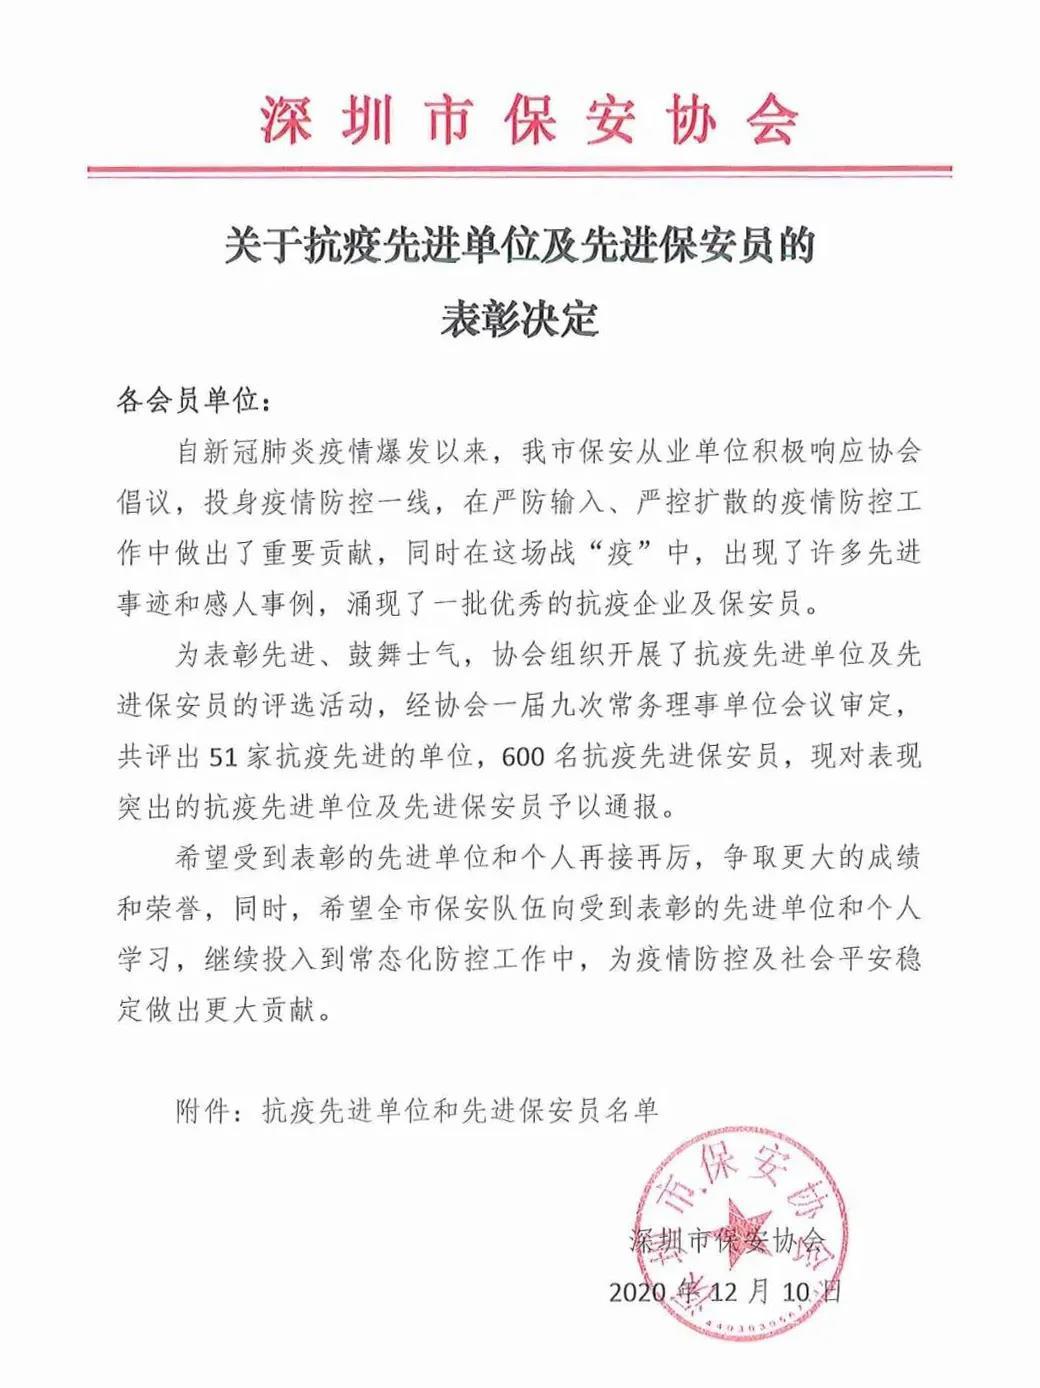 深圳市保安协会召开抗疫先进表彰会